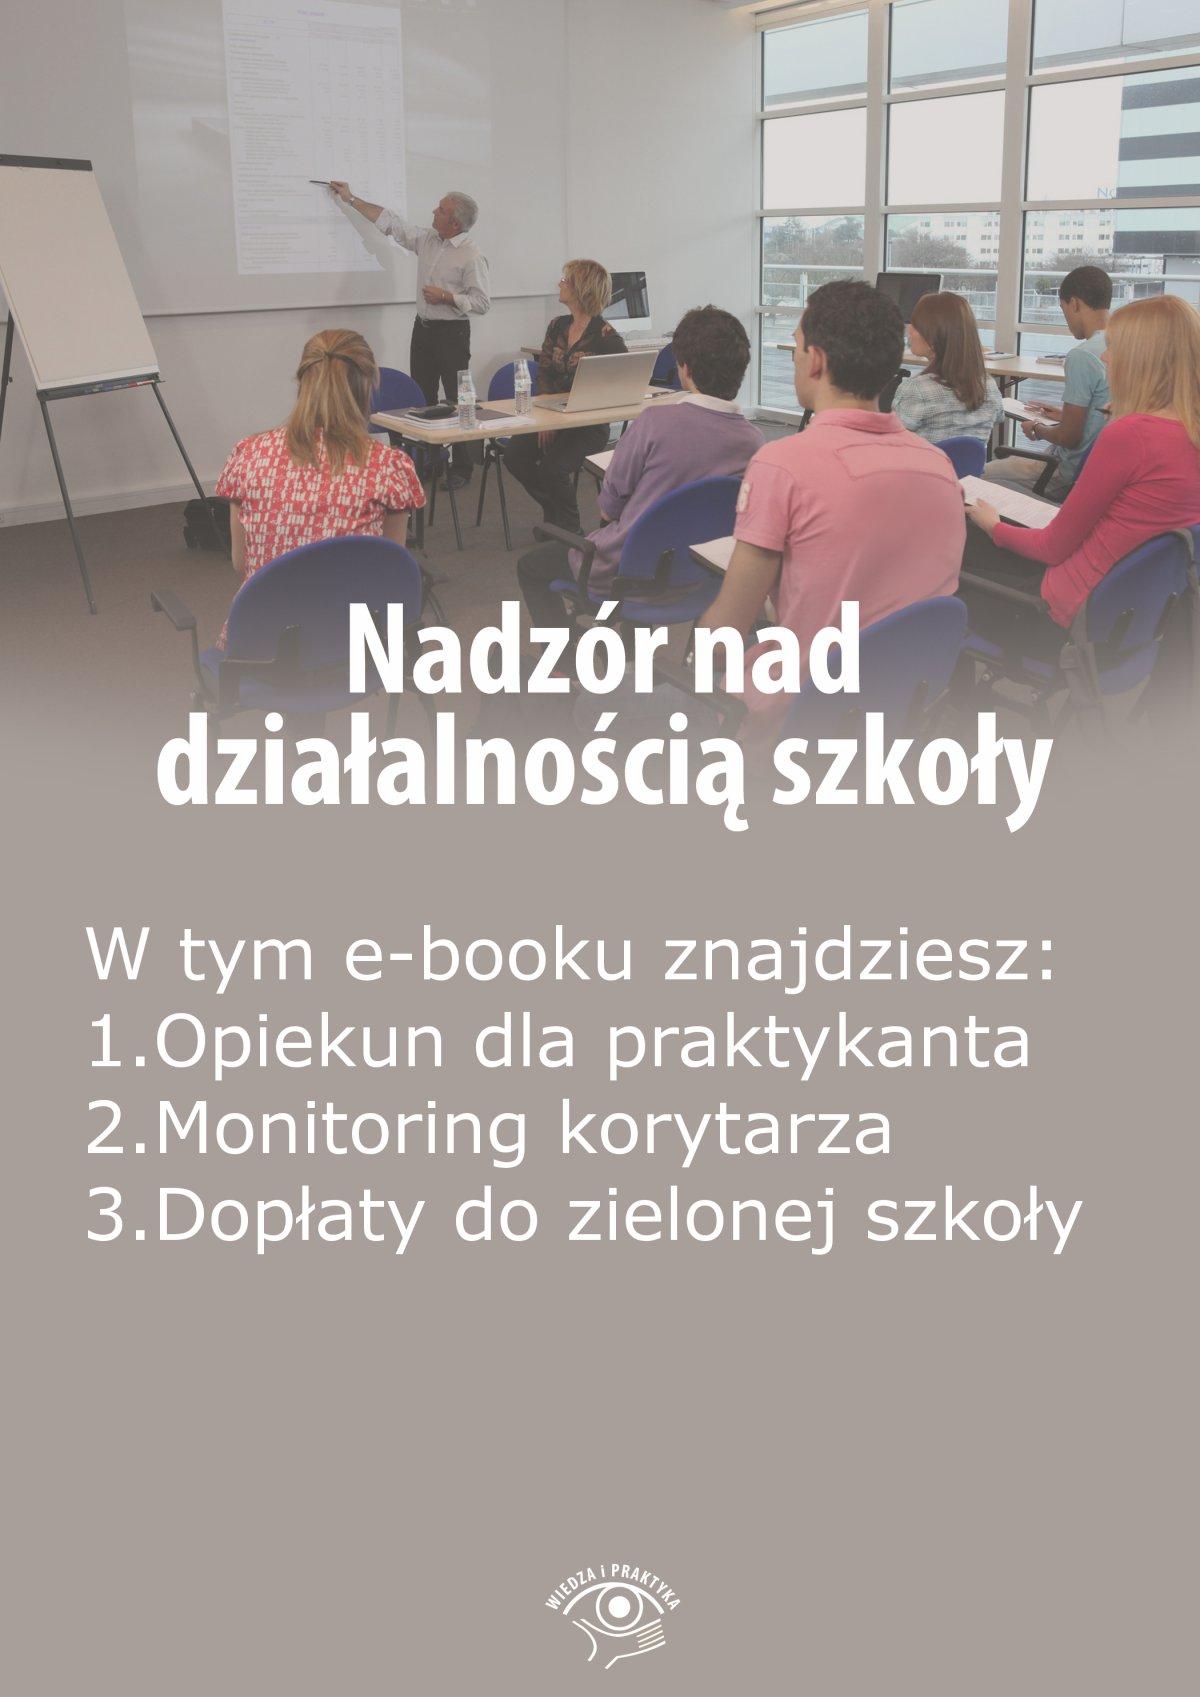 Nadzór nad działalnością szkoły, wydanie czerwiec-lipiec 2015 r. - Ebook (Książka EPUB) do pobrania w formacie EPUB